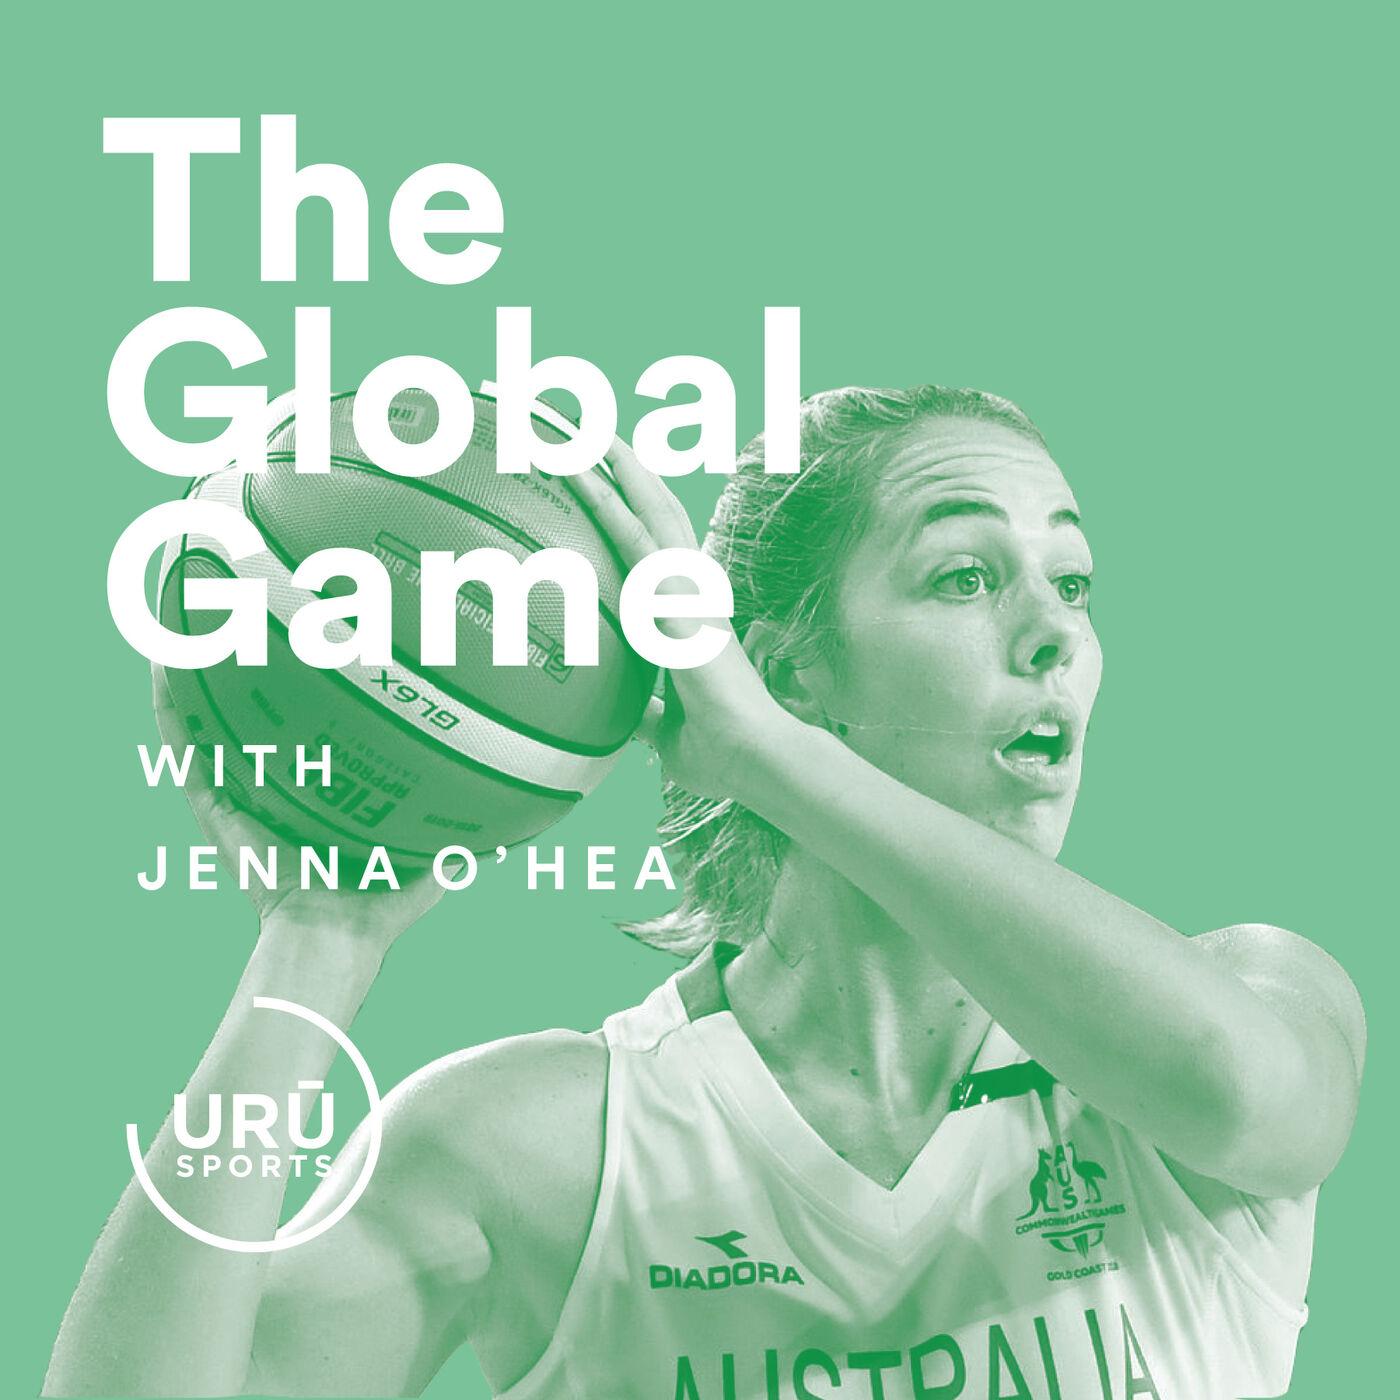 Jenna O'Hea | Olympic Legend Goes Global